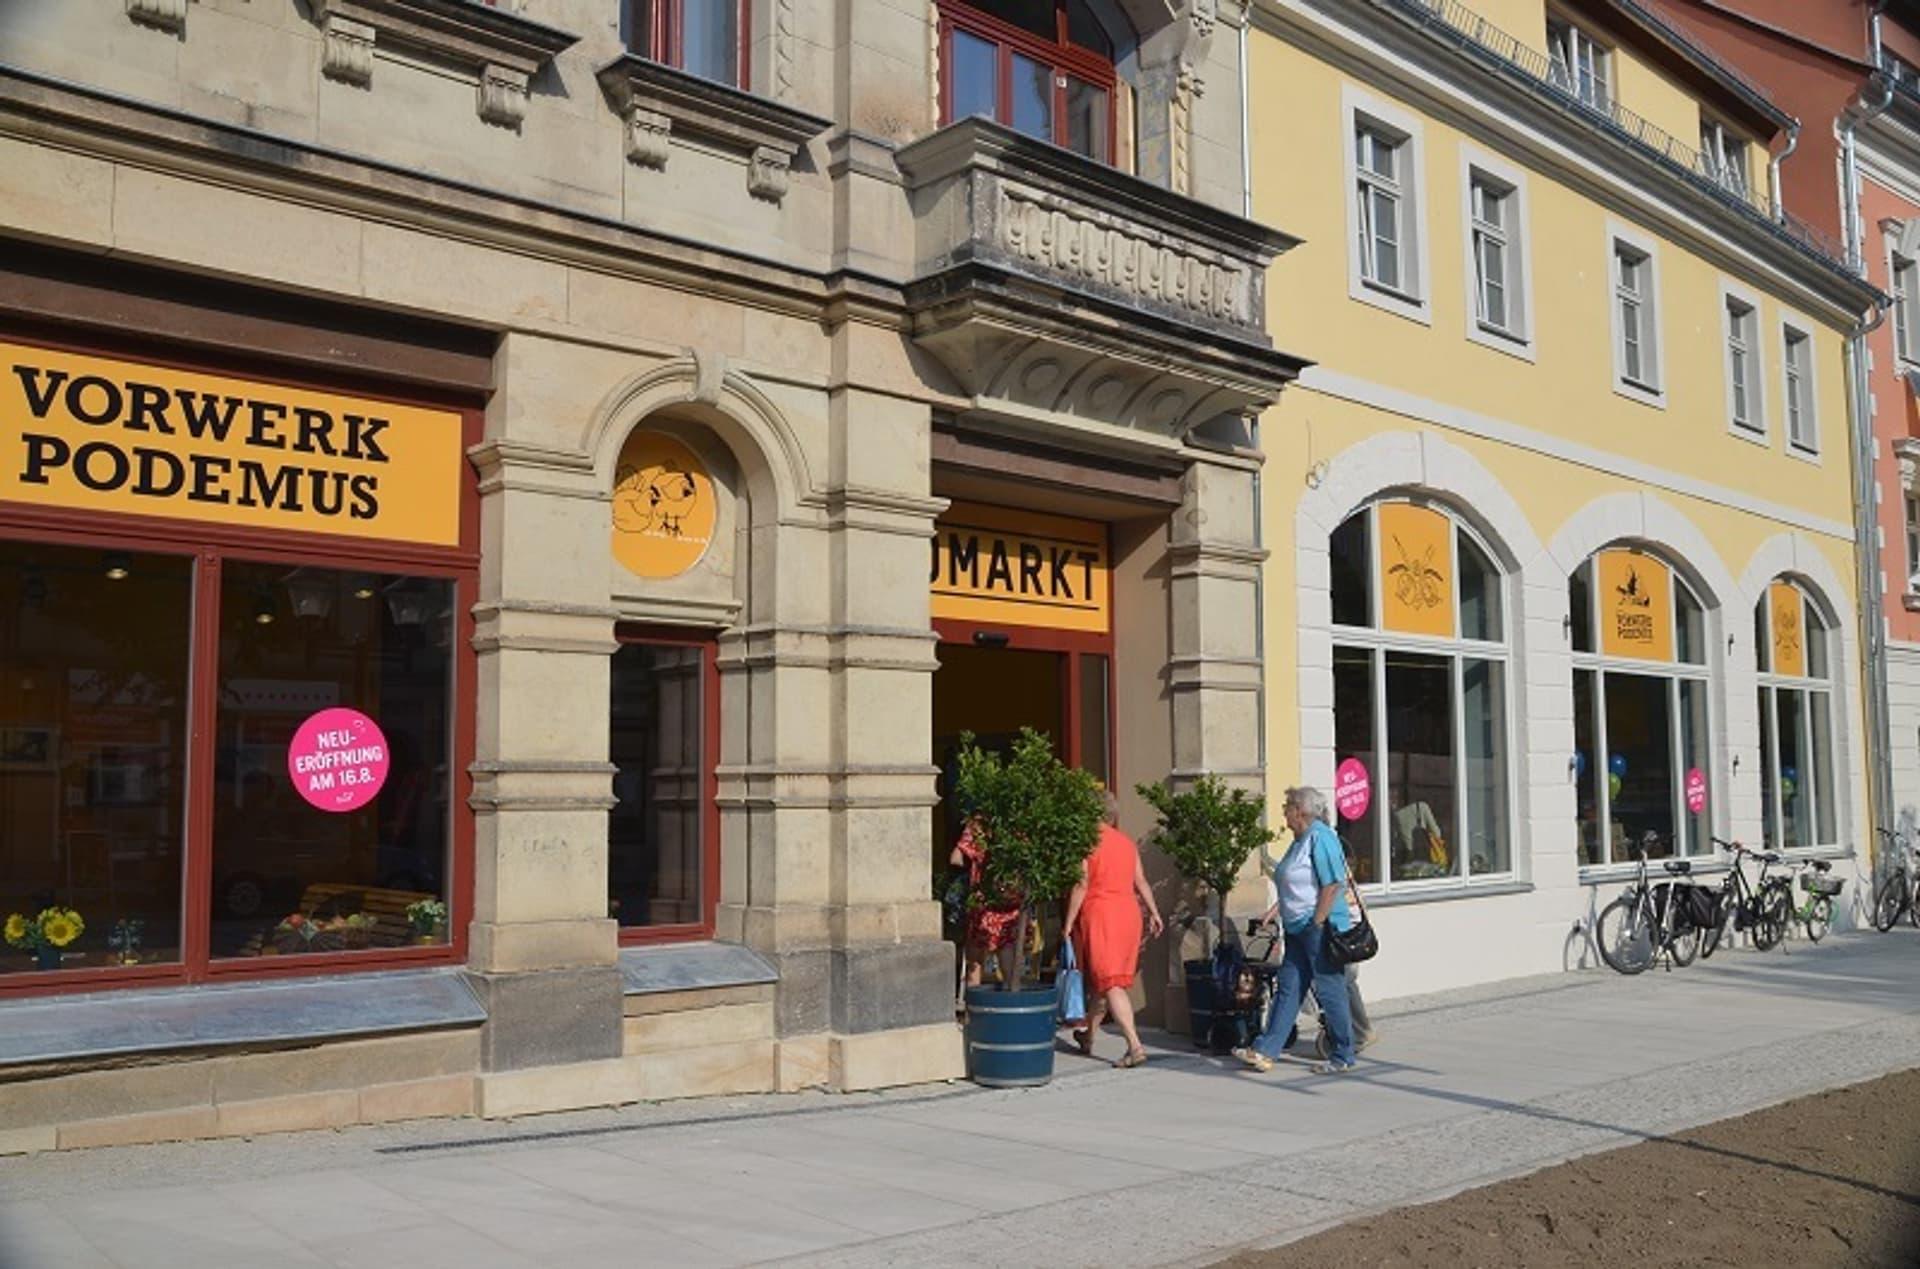 Vorwerk Podemus Biomarkt Pirna vorwerk podemus